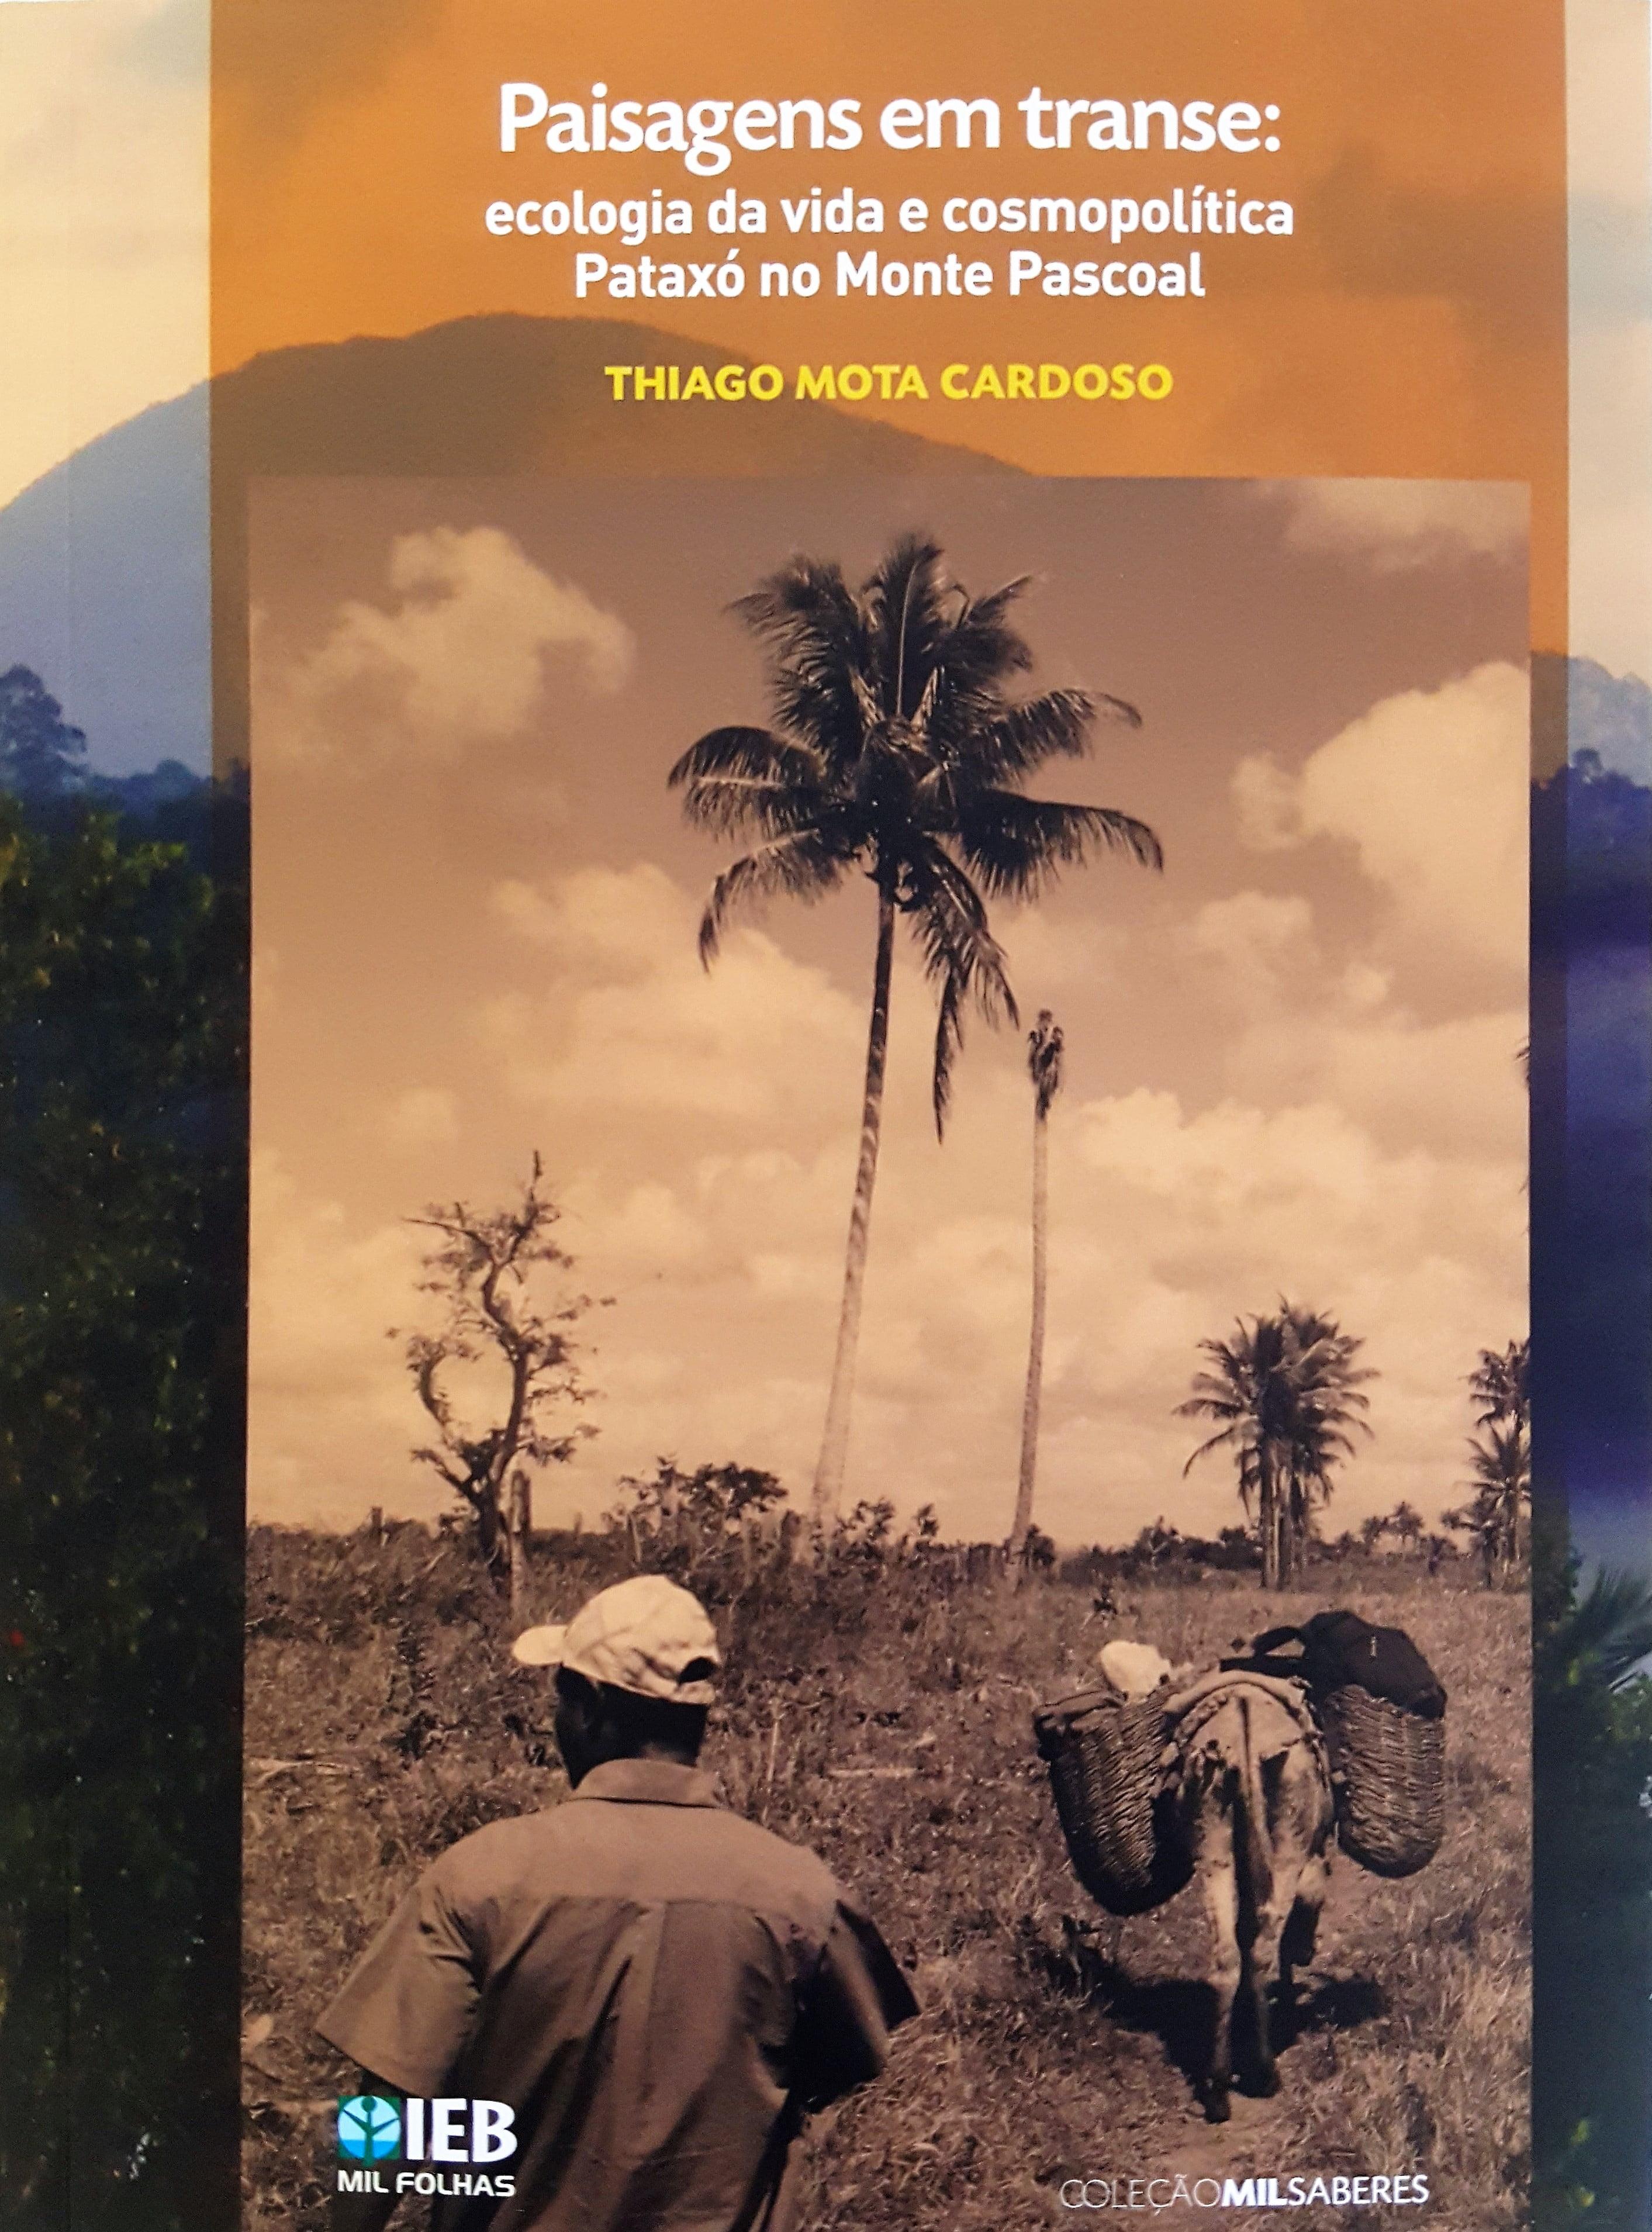 Paisagens em Transe: ecologia da vida e cosmopolitica Pataxó no Monte Pascoal